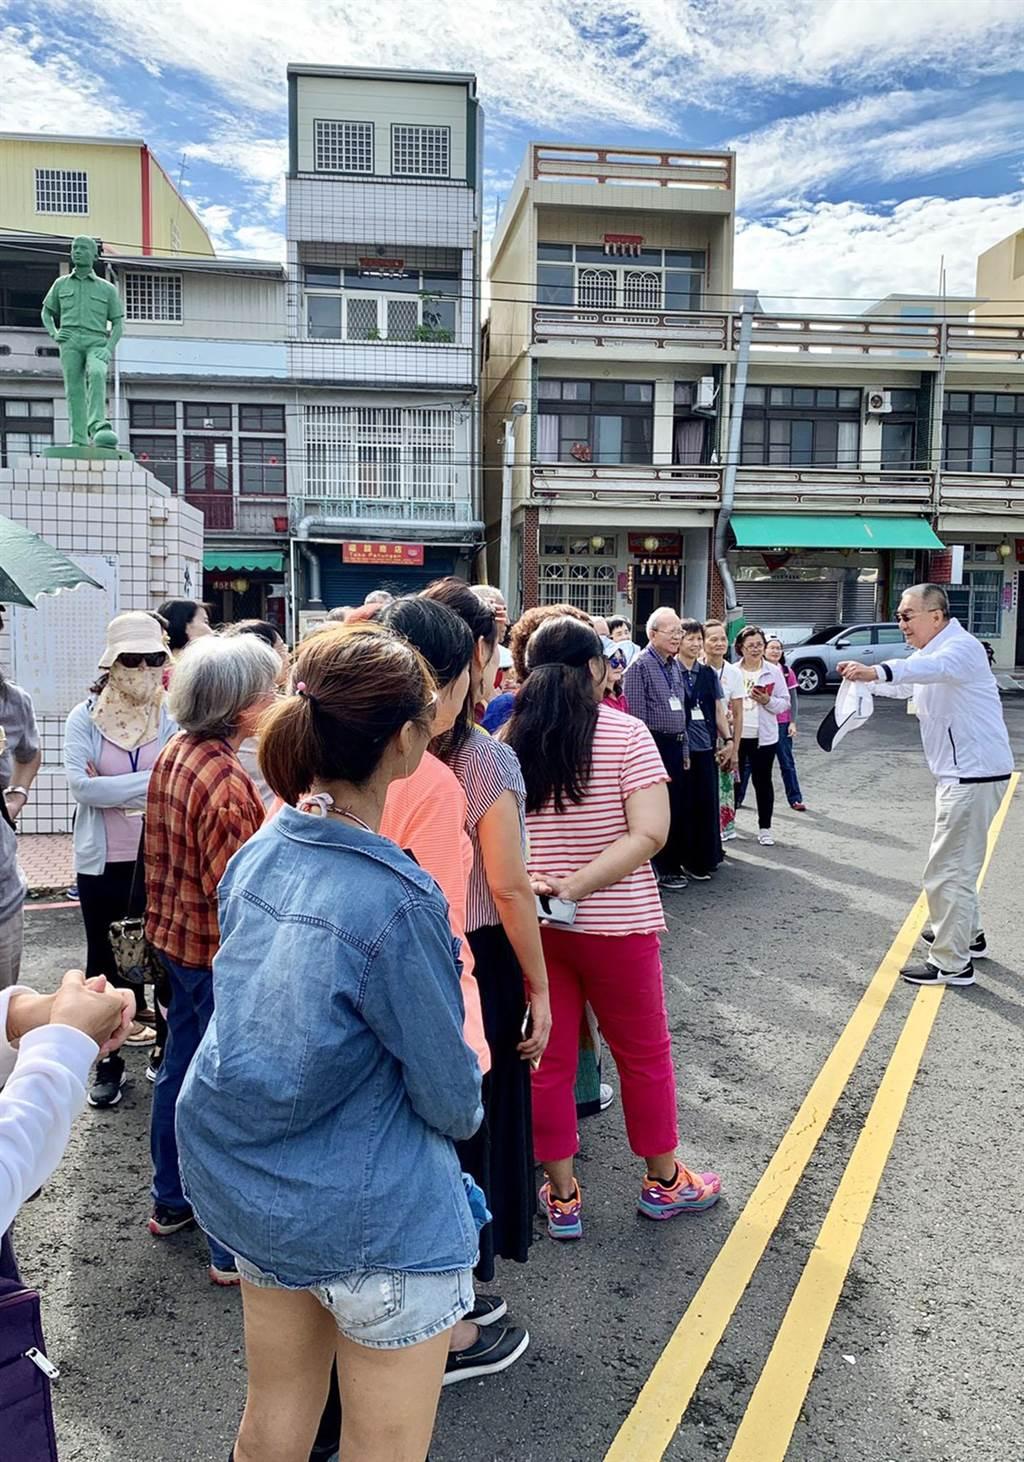 台南一中校友王興隆(右)南下屏東,特地前來韋啟承銅像前向老同學致意,並與在場友人分享他的義舉。(邱黃肇崇提供/林和生屏東傳真)